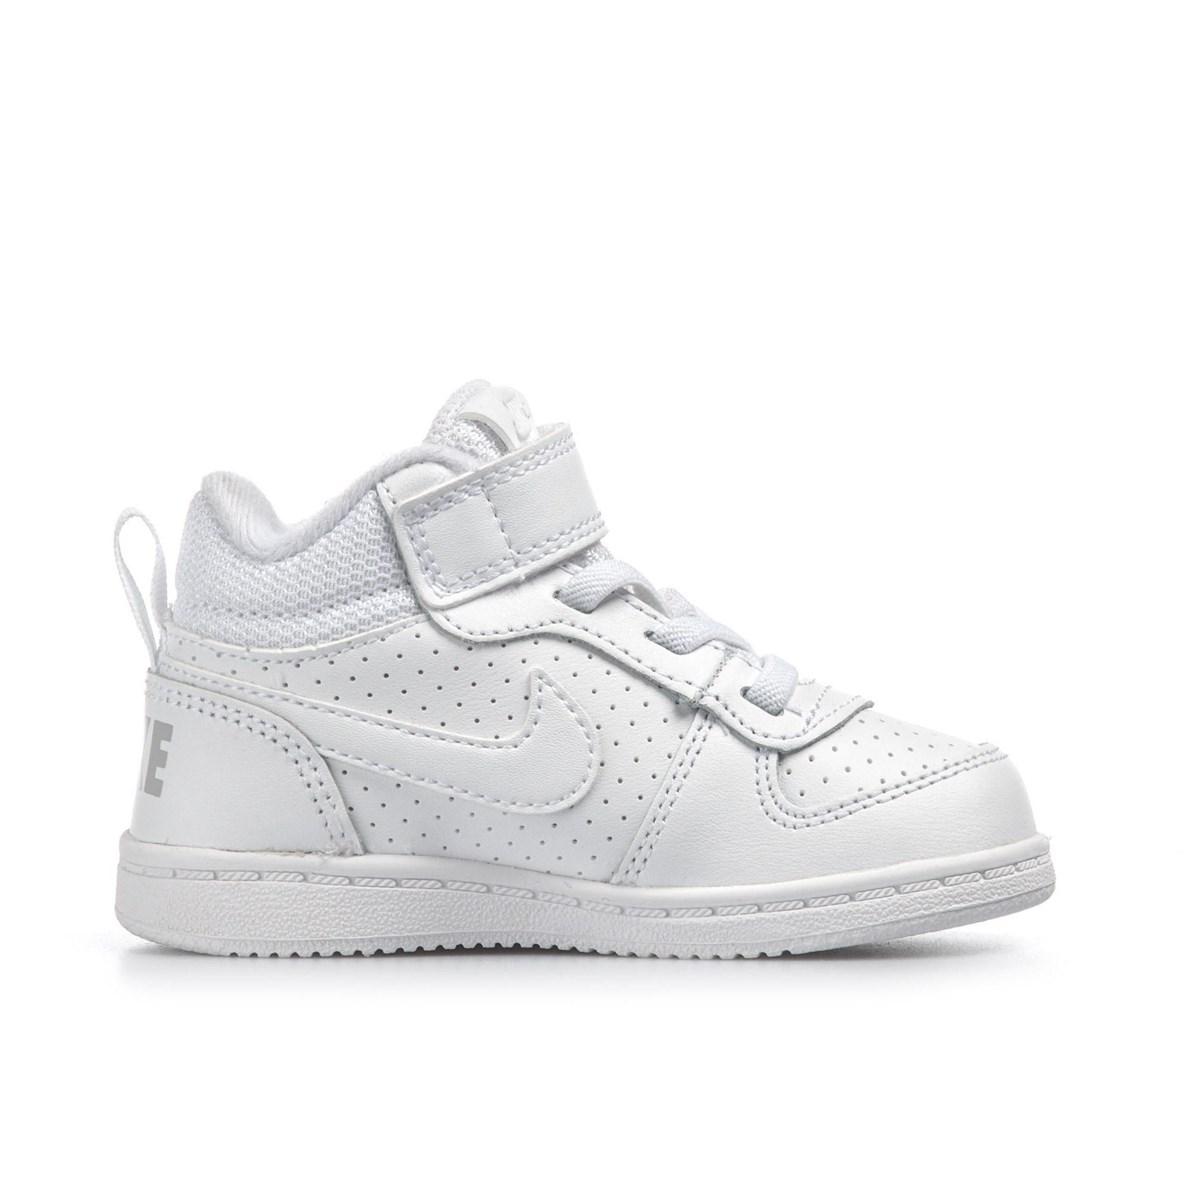 Court Borough Mid Çocuk Beyaz Spor Ayakkabı (870027-100)